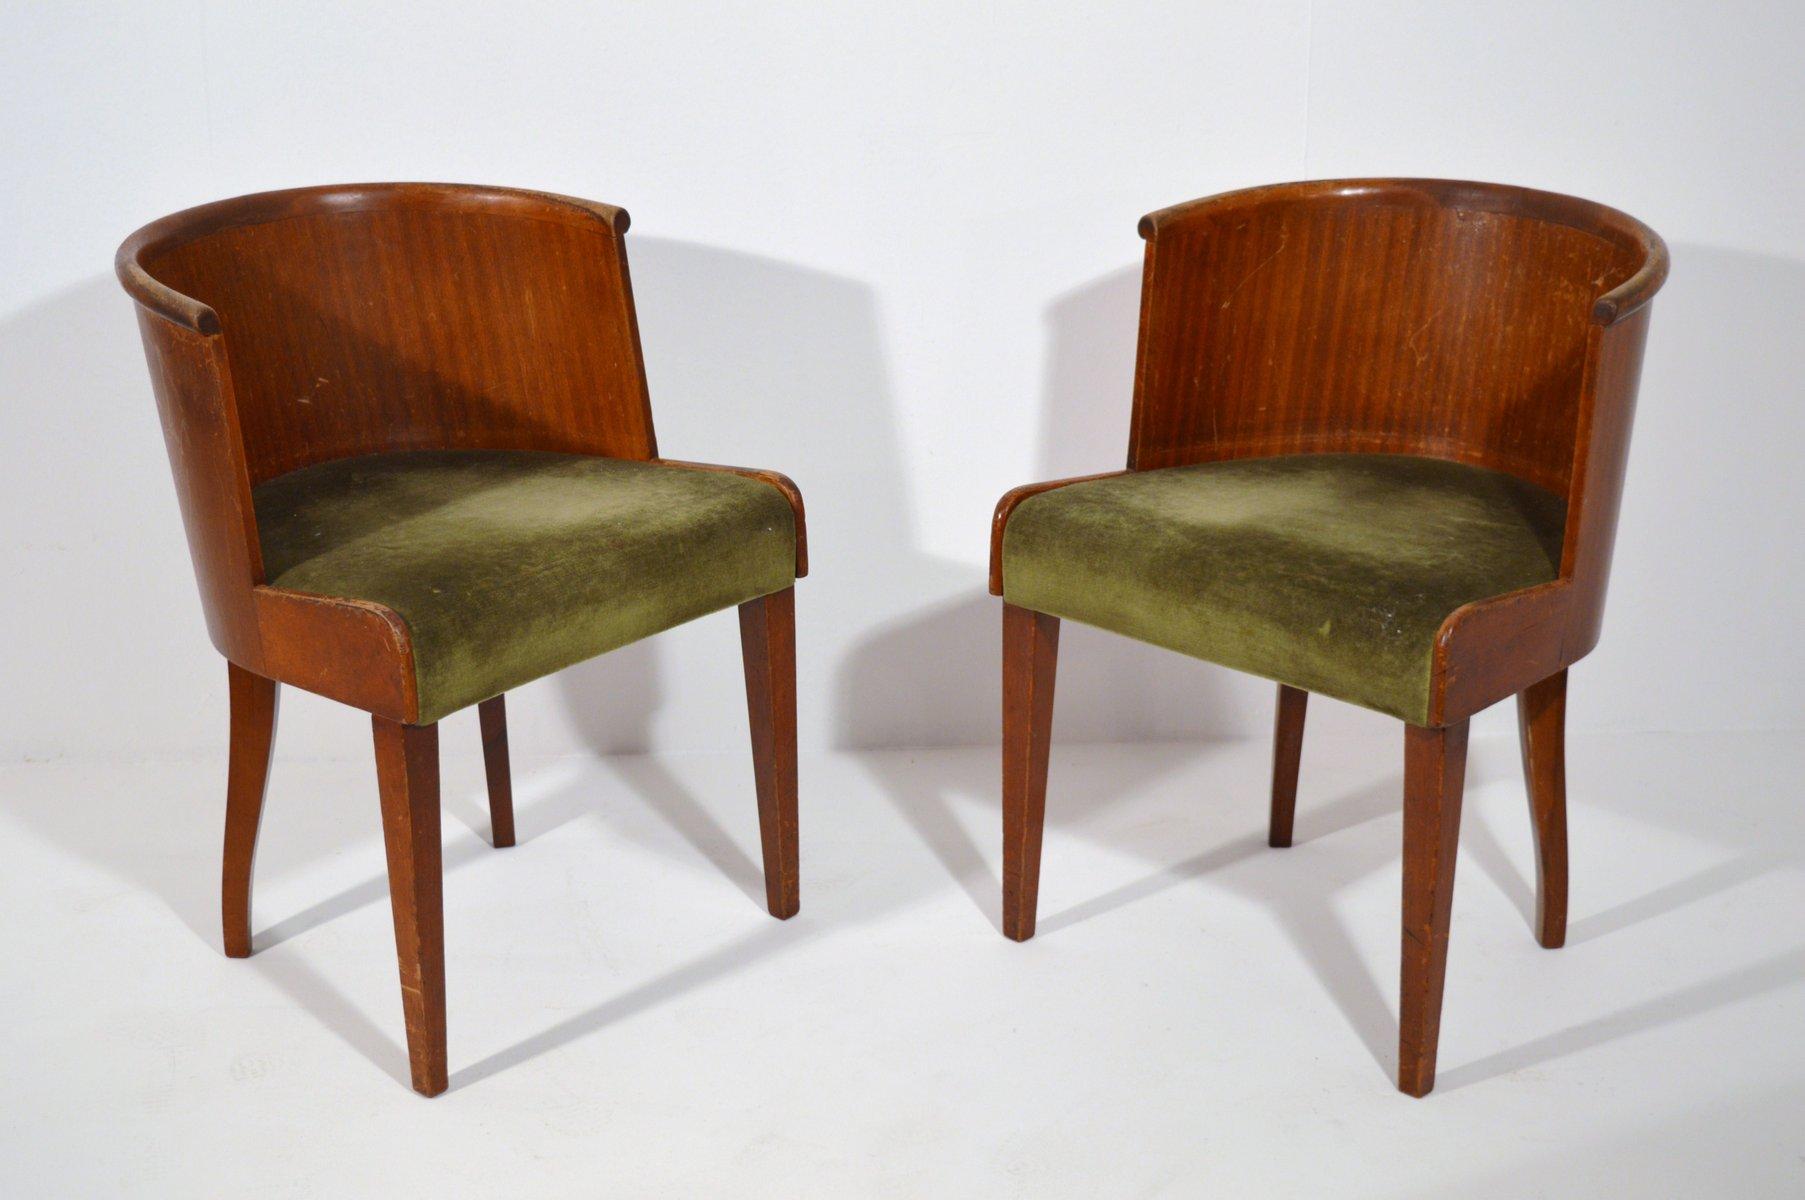 schreibtischst hle von decoene 2er set bei pamono kaufen. Black Bedroom Furniture Sets. Home Design Ideas